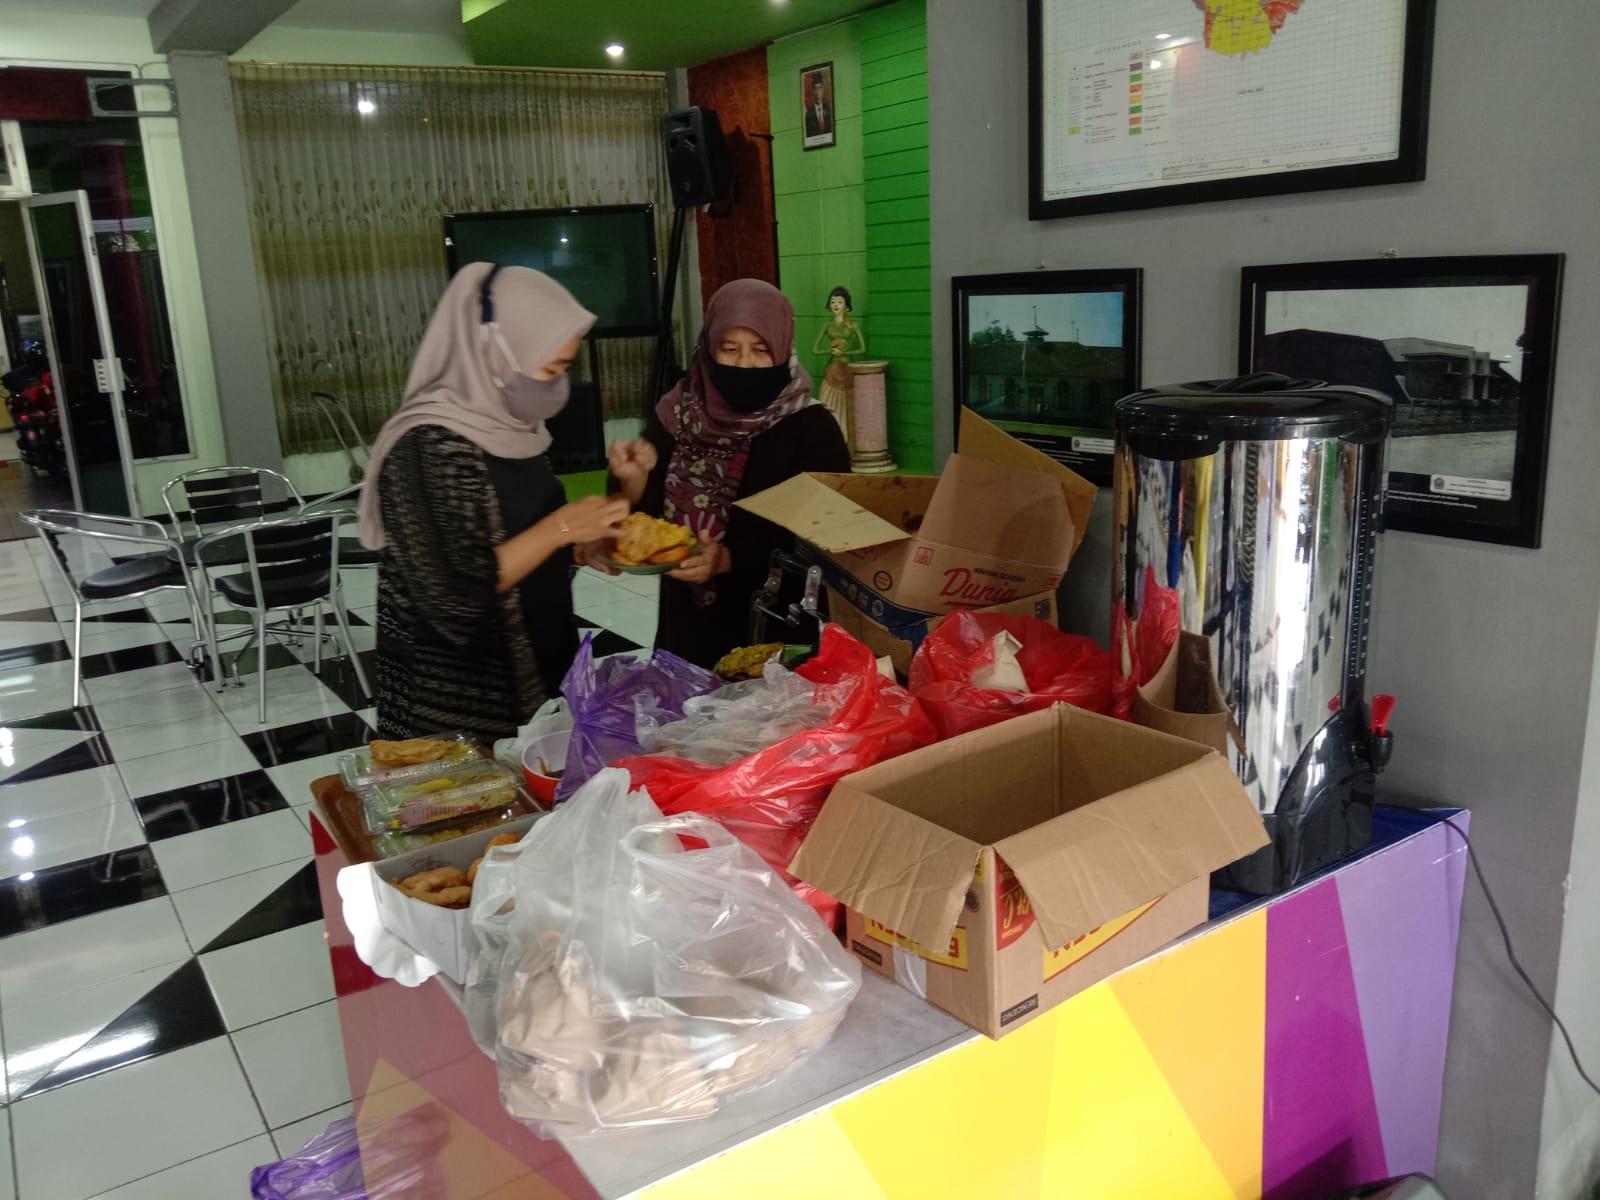 Perpustakaan Umum Kota Malang melaksanakan program Sedekah Jumat bagi pustakawan atau masyarakat yang berkunjung. (Foto: Feni Yusnia/Tugu Jatim)